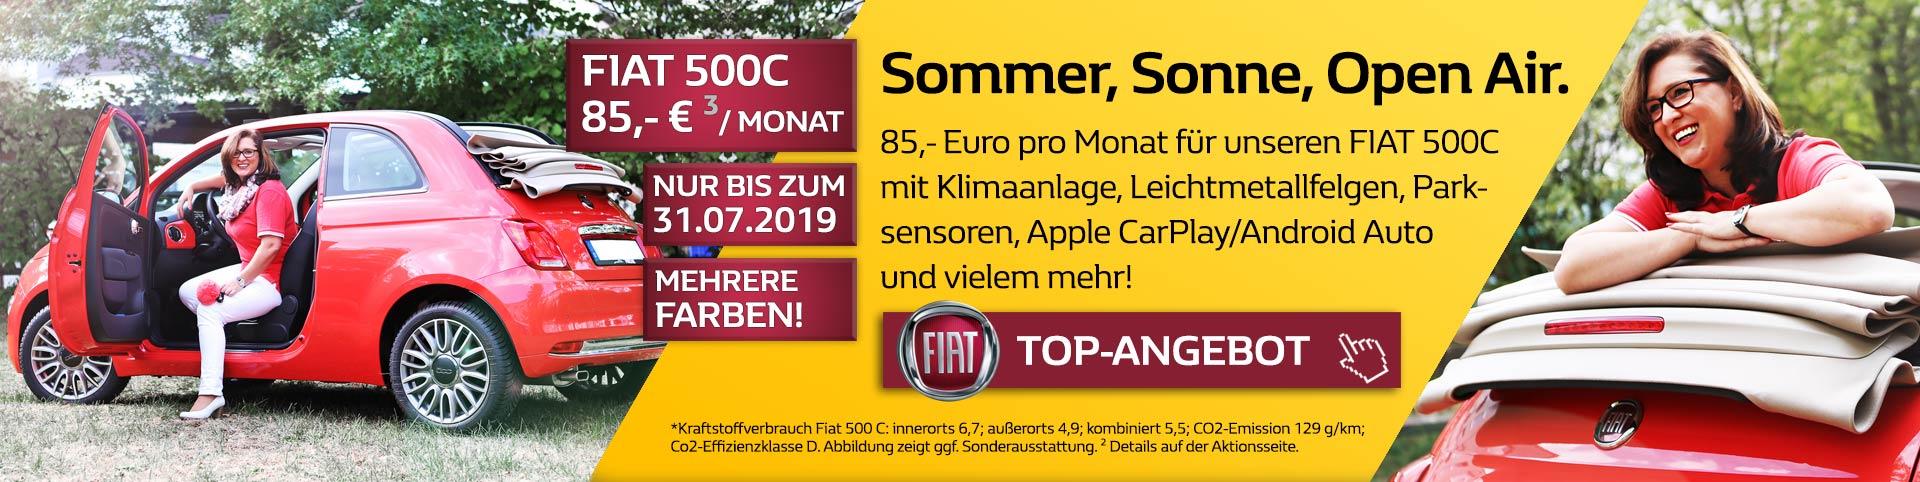 Fiat 500C für 85 Euro im Monat